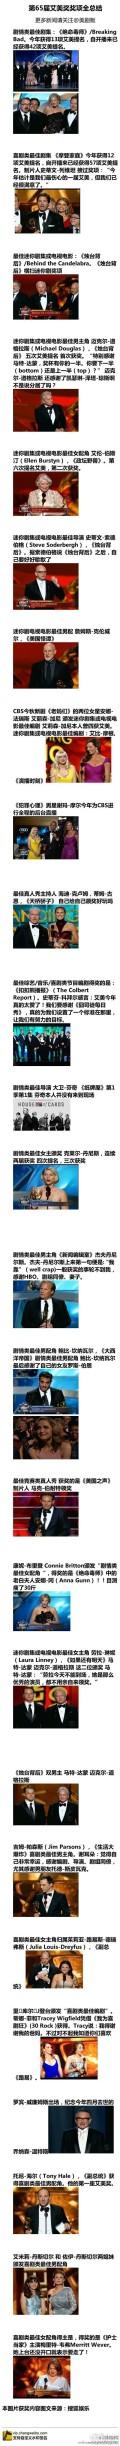 2013艾美奖颁奖典礼总结图